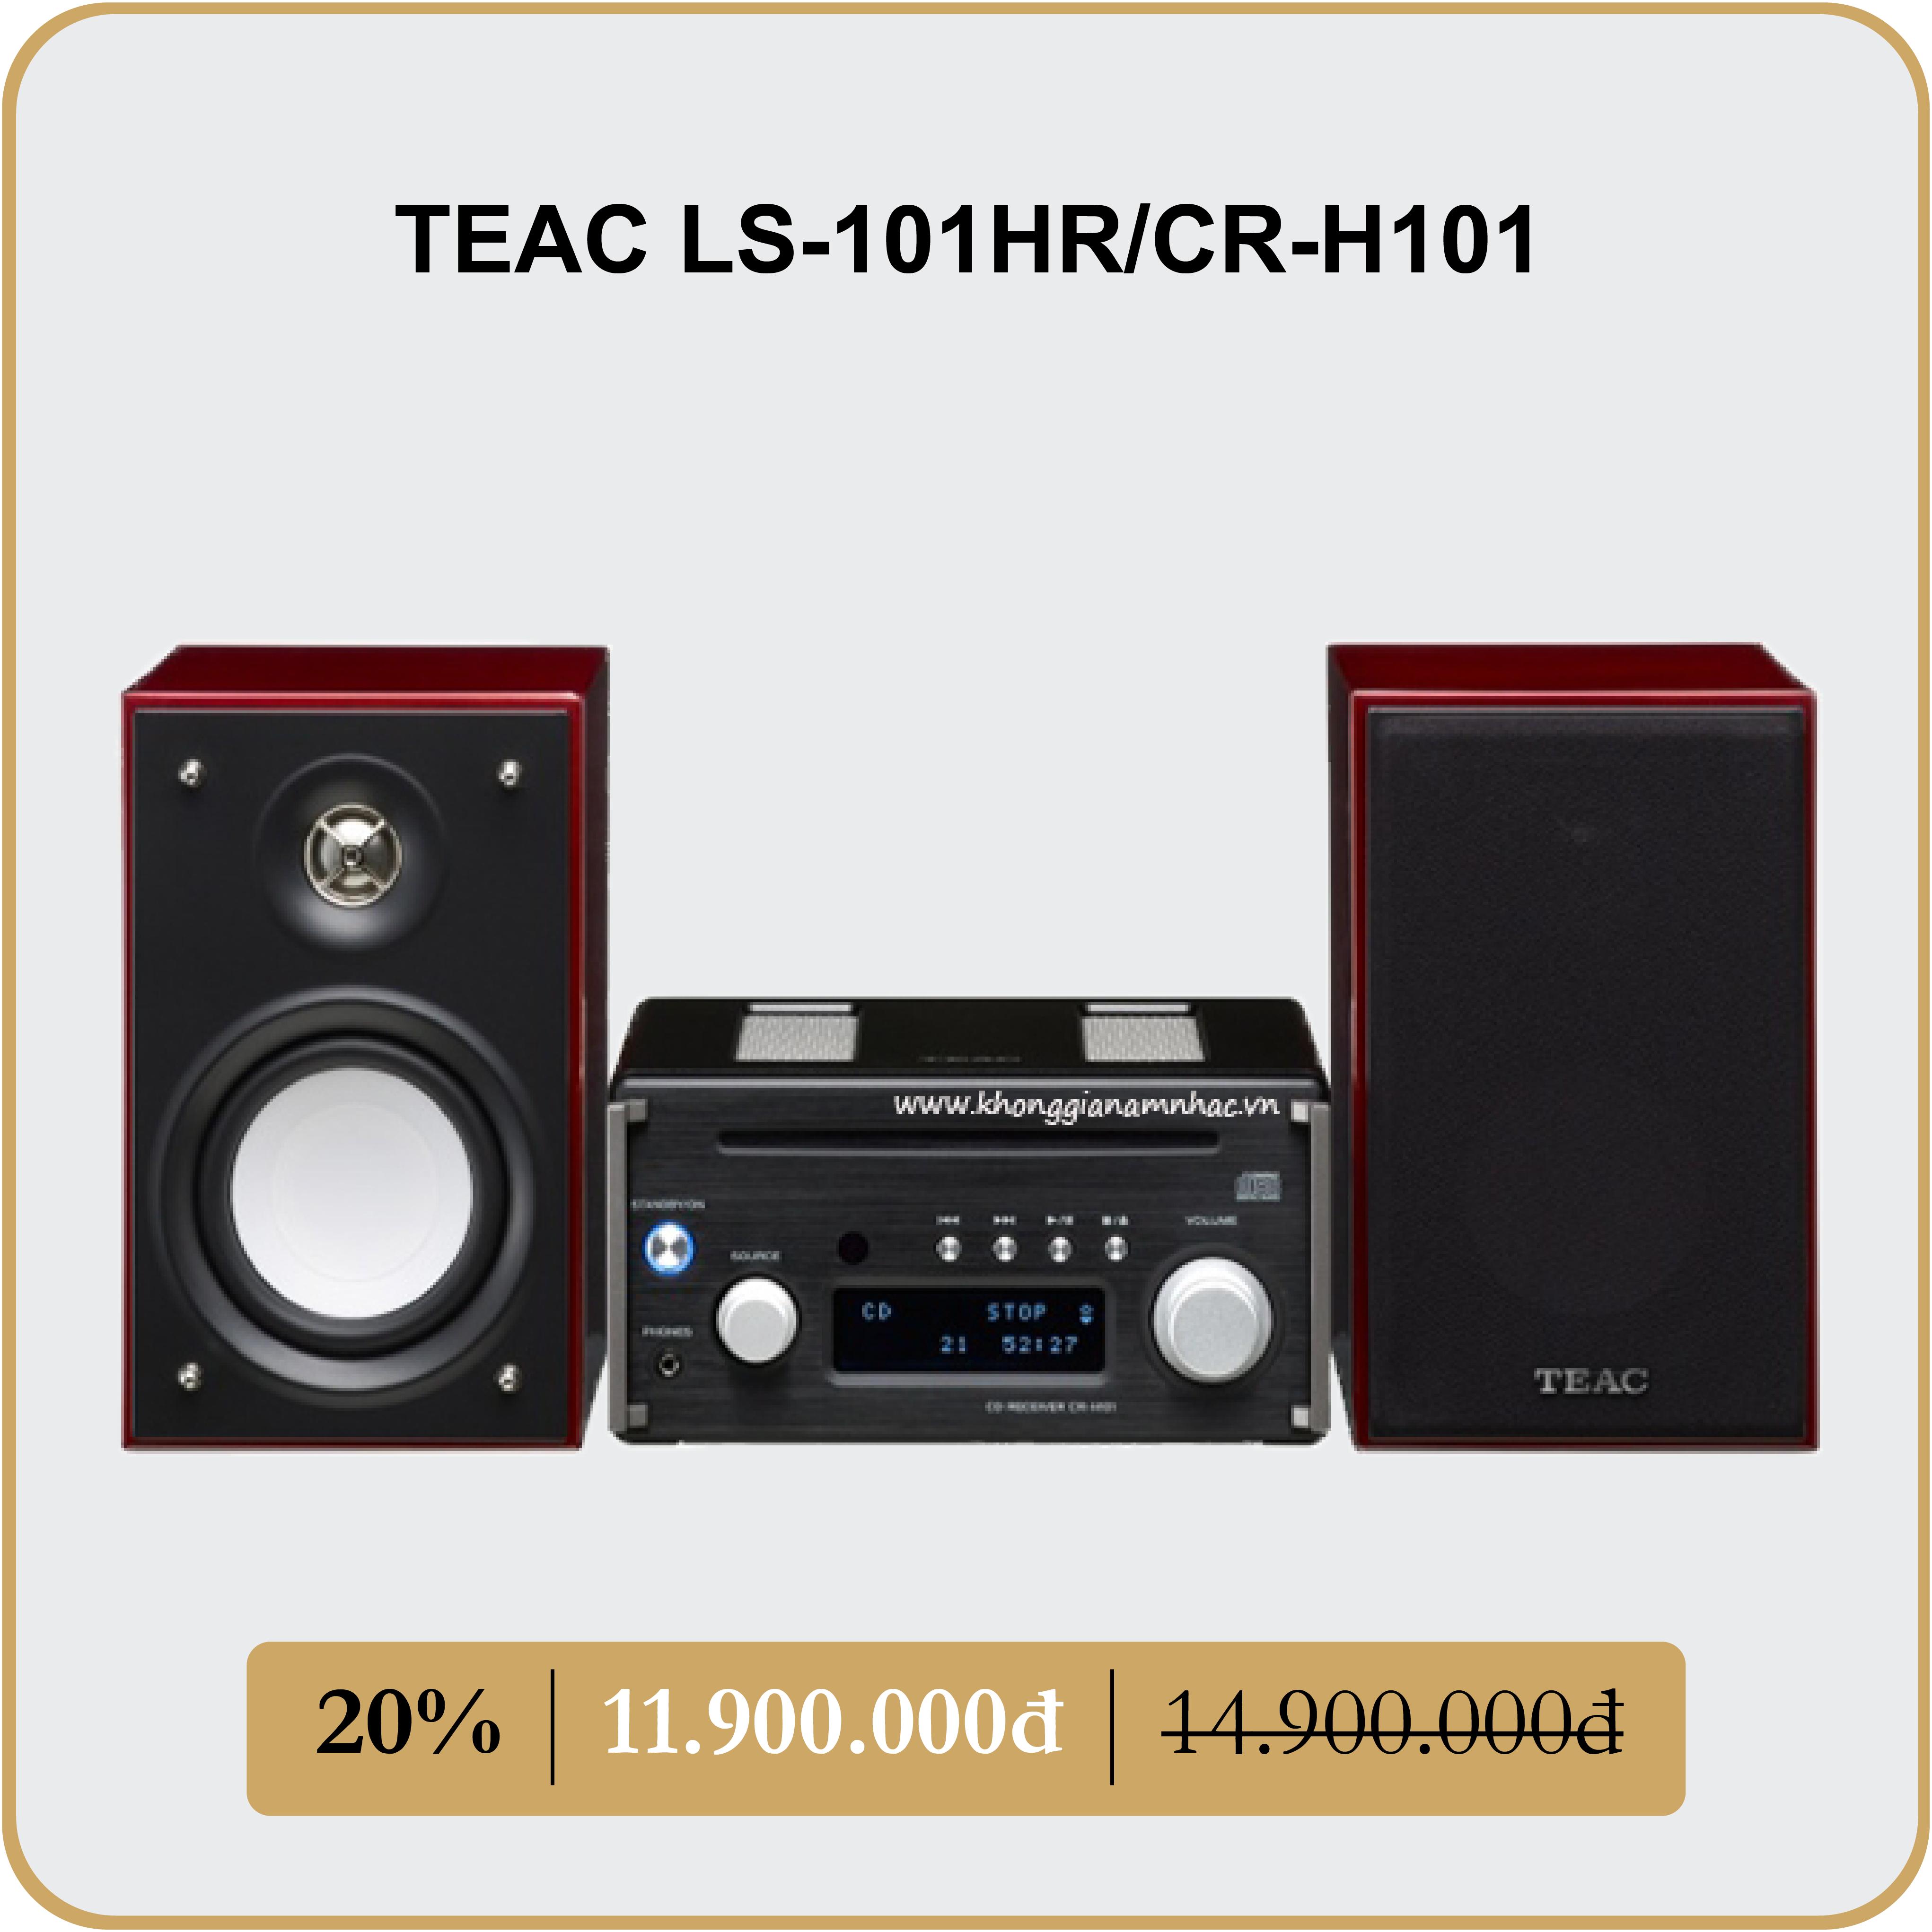 TEAC LS-101HR/CR-H101